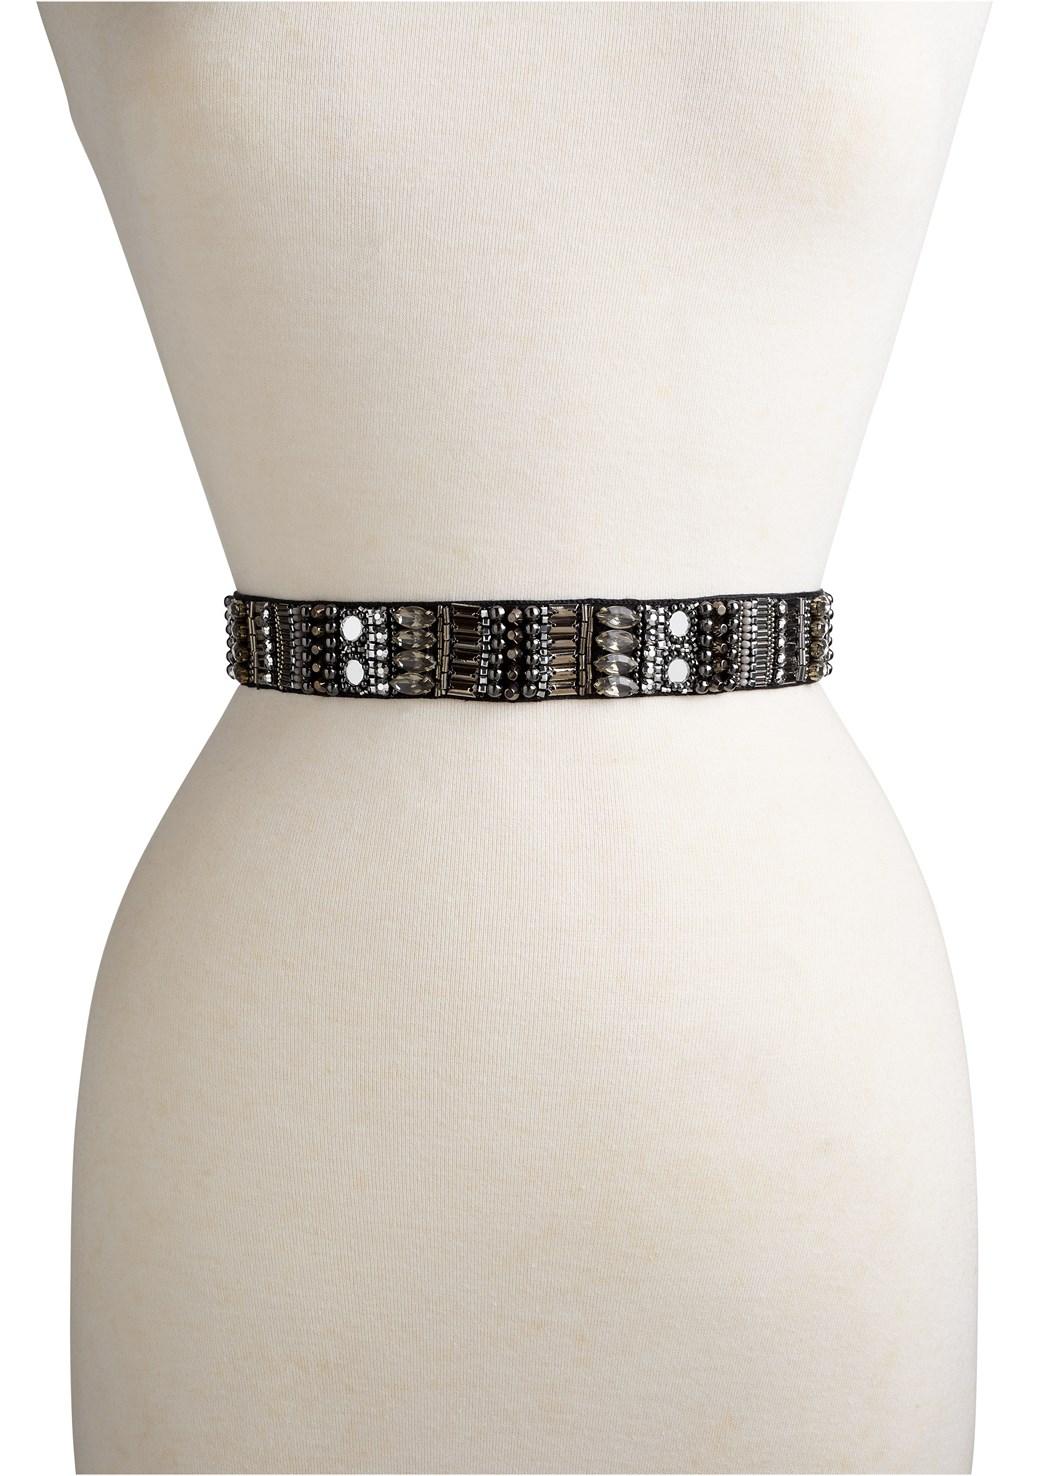 Rhinestone Tie Detail Belt,Lace Detail Dress,High Heel Strappy Sandals